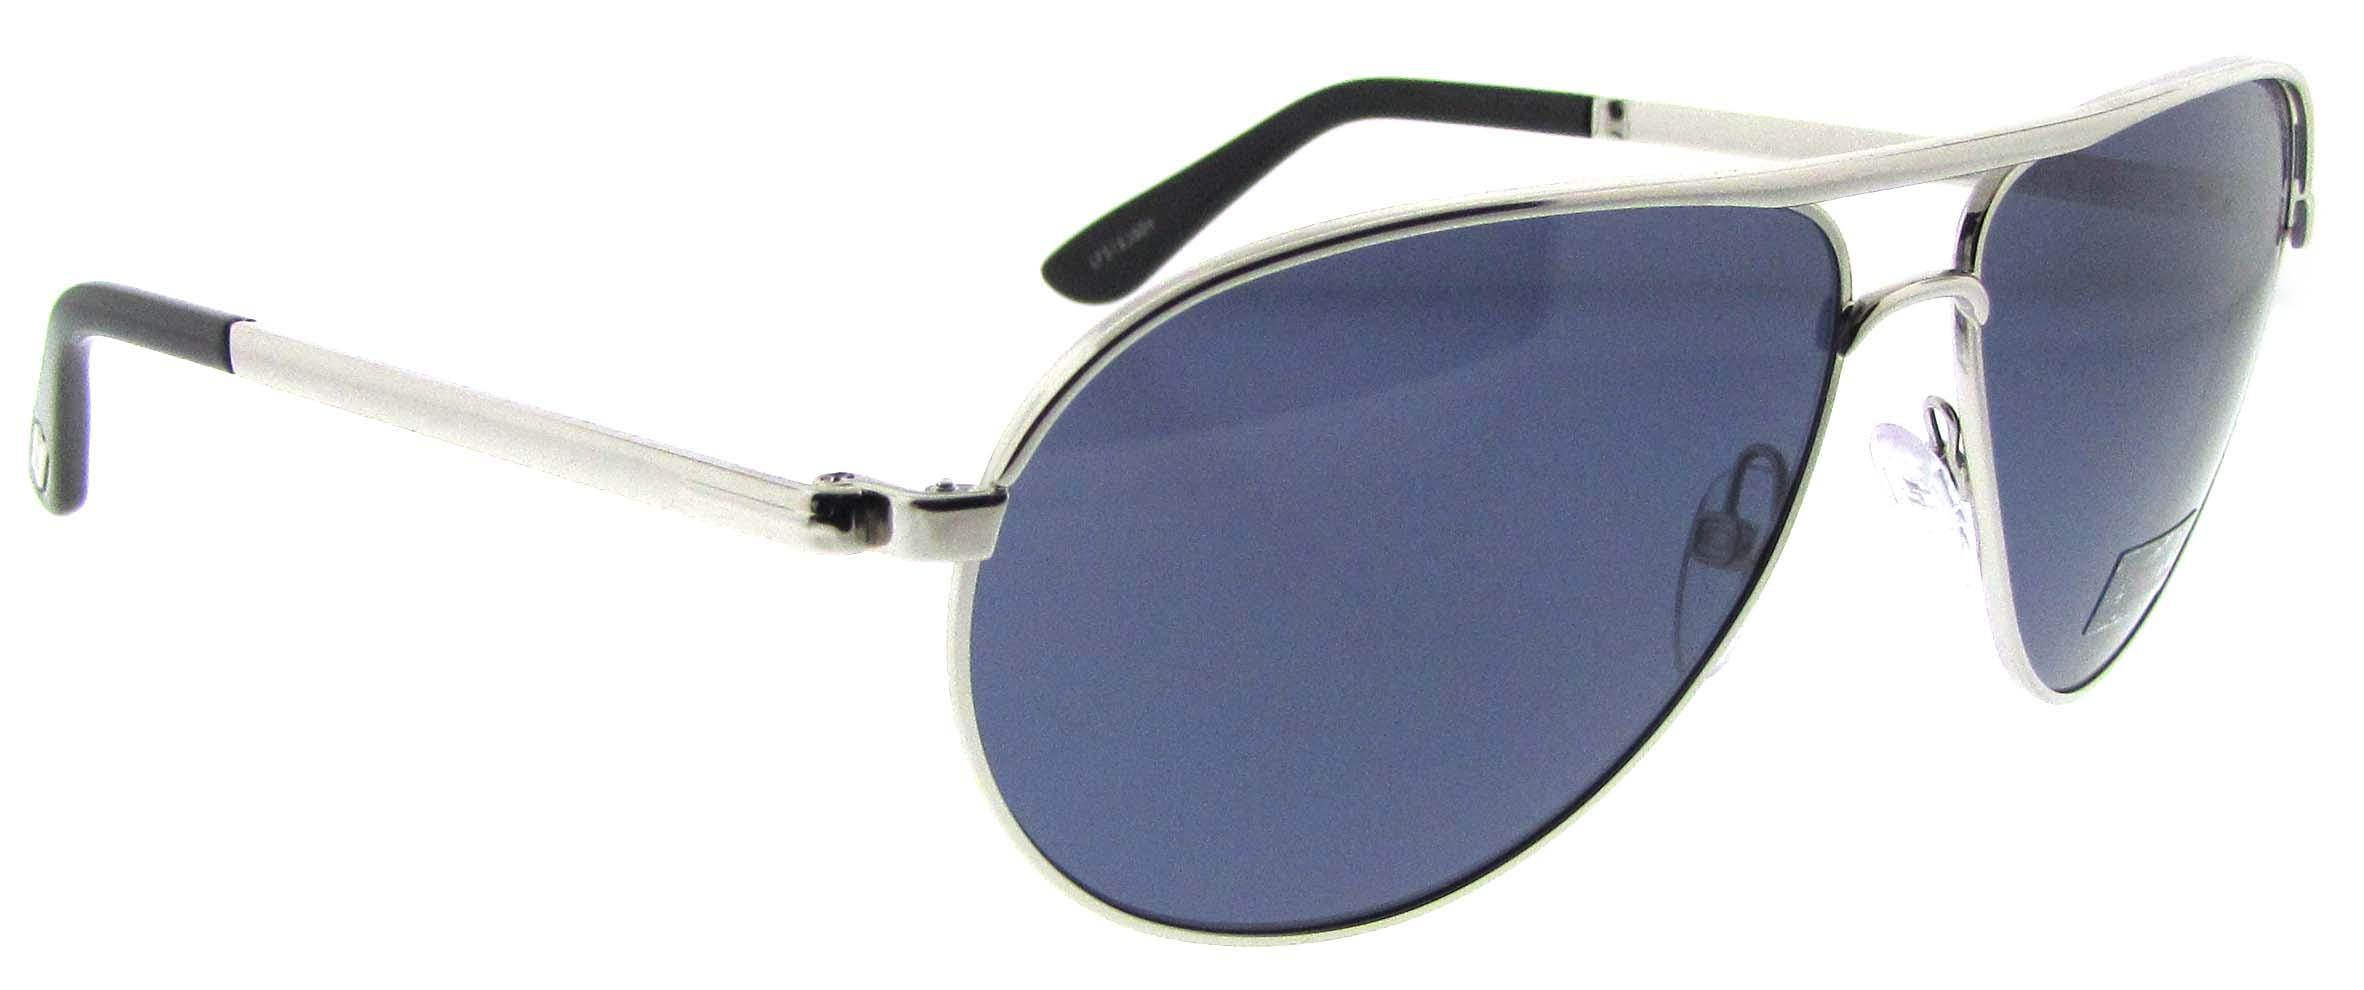 e499ef42e87 Skyfall Aviator Glasses « One More Soul